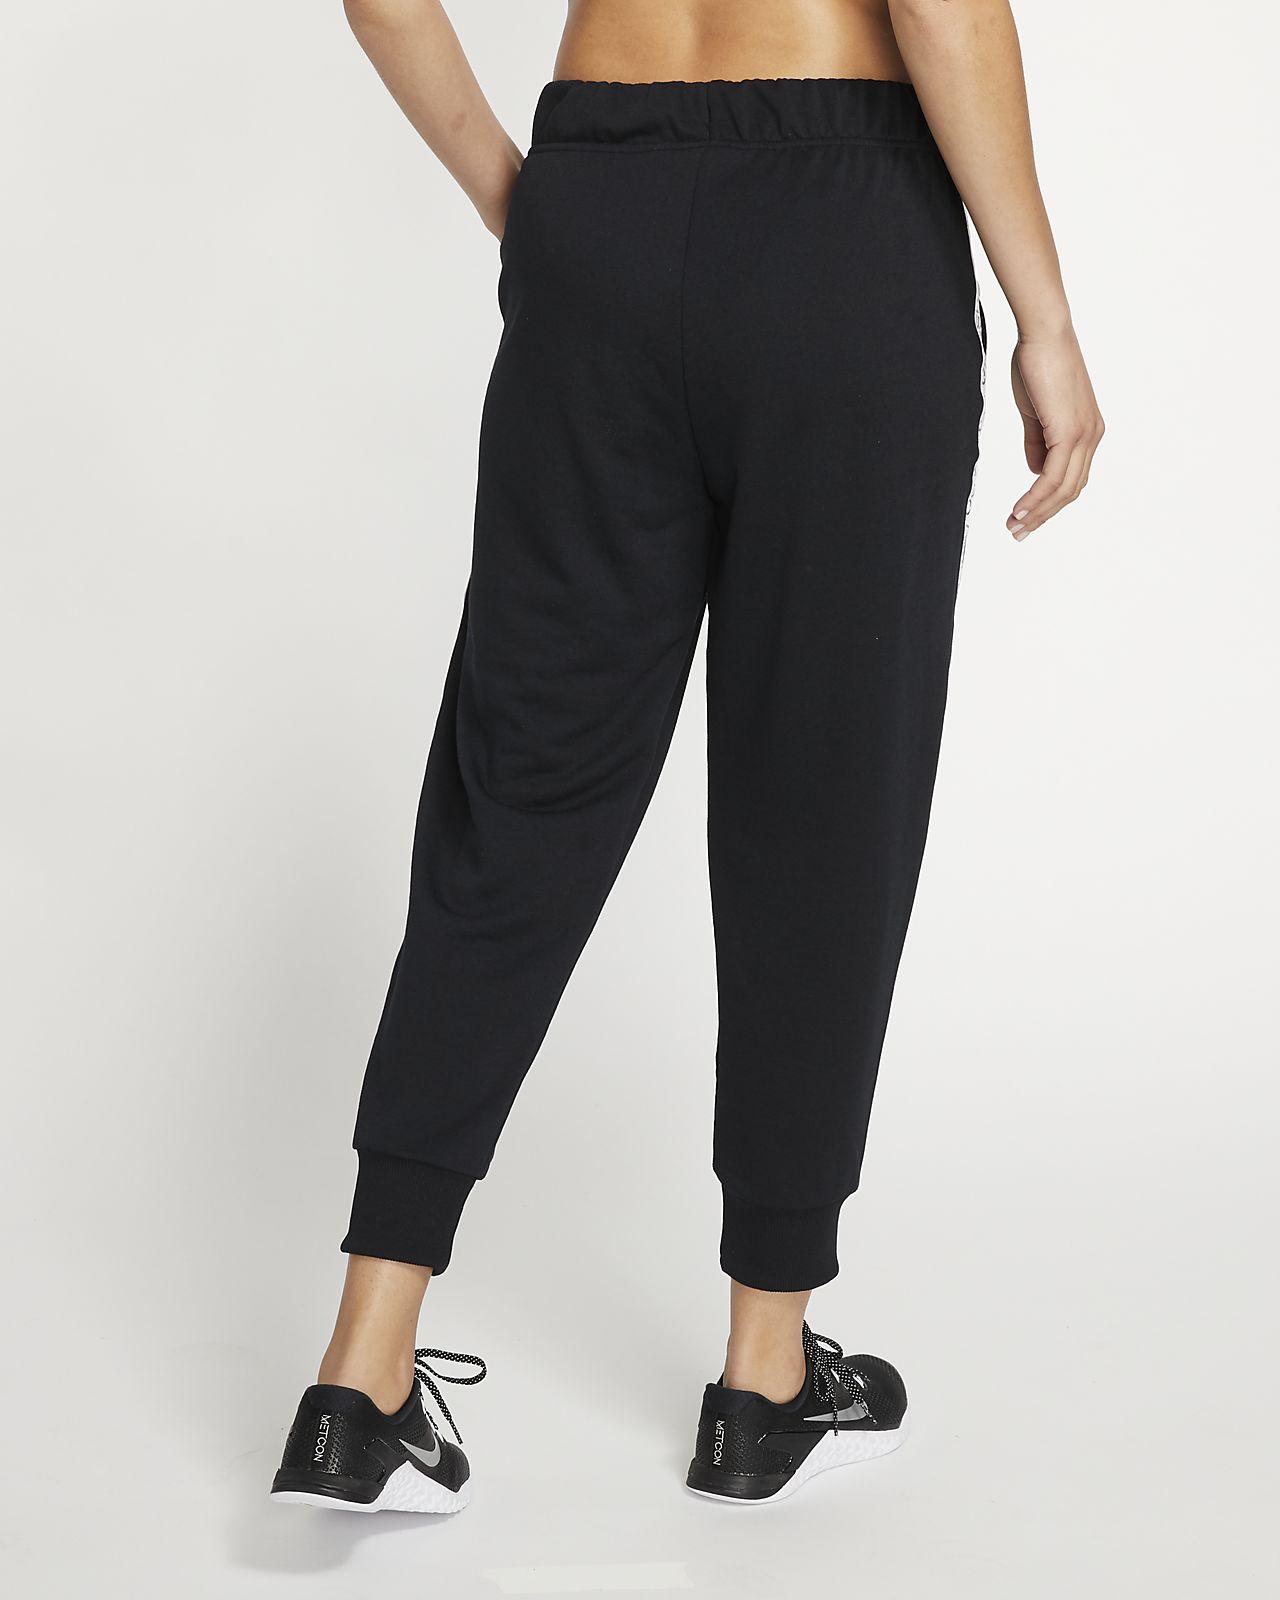 Nike Sportswear Tech Fleece Women's Trainingshose Damen |